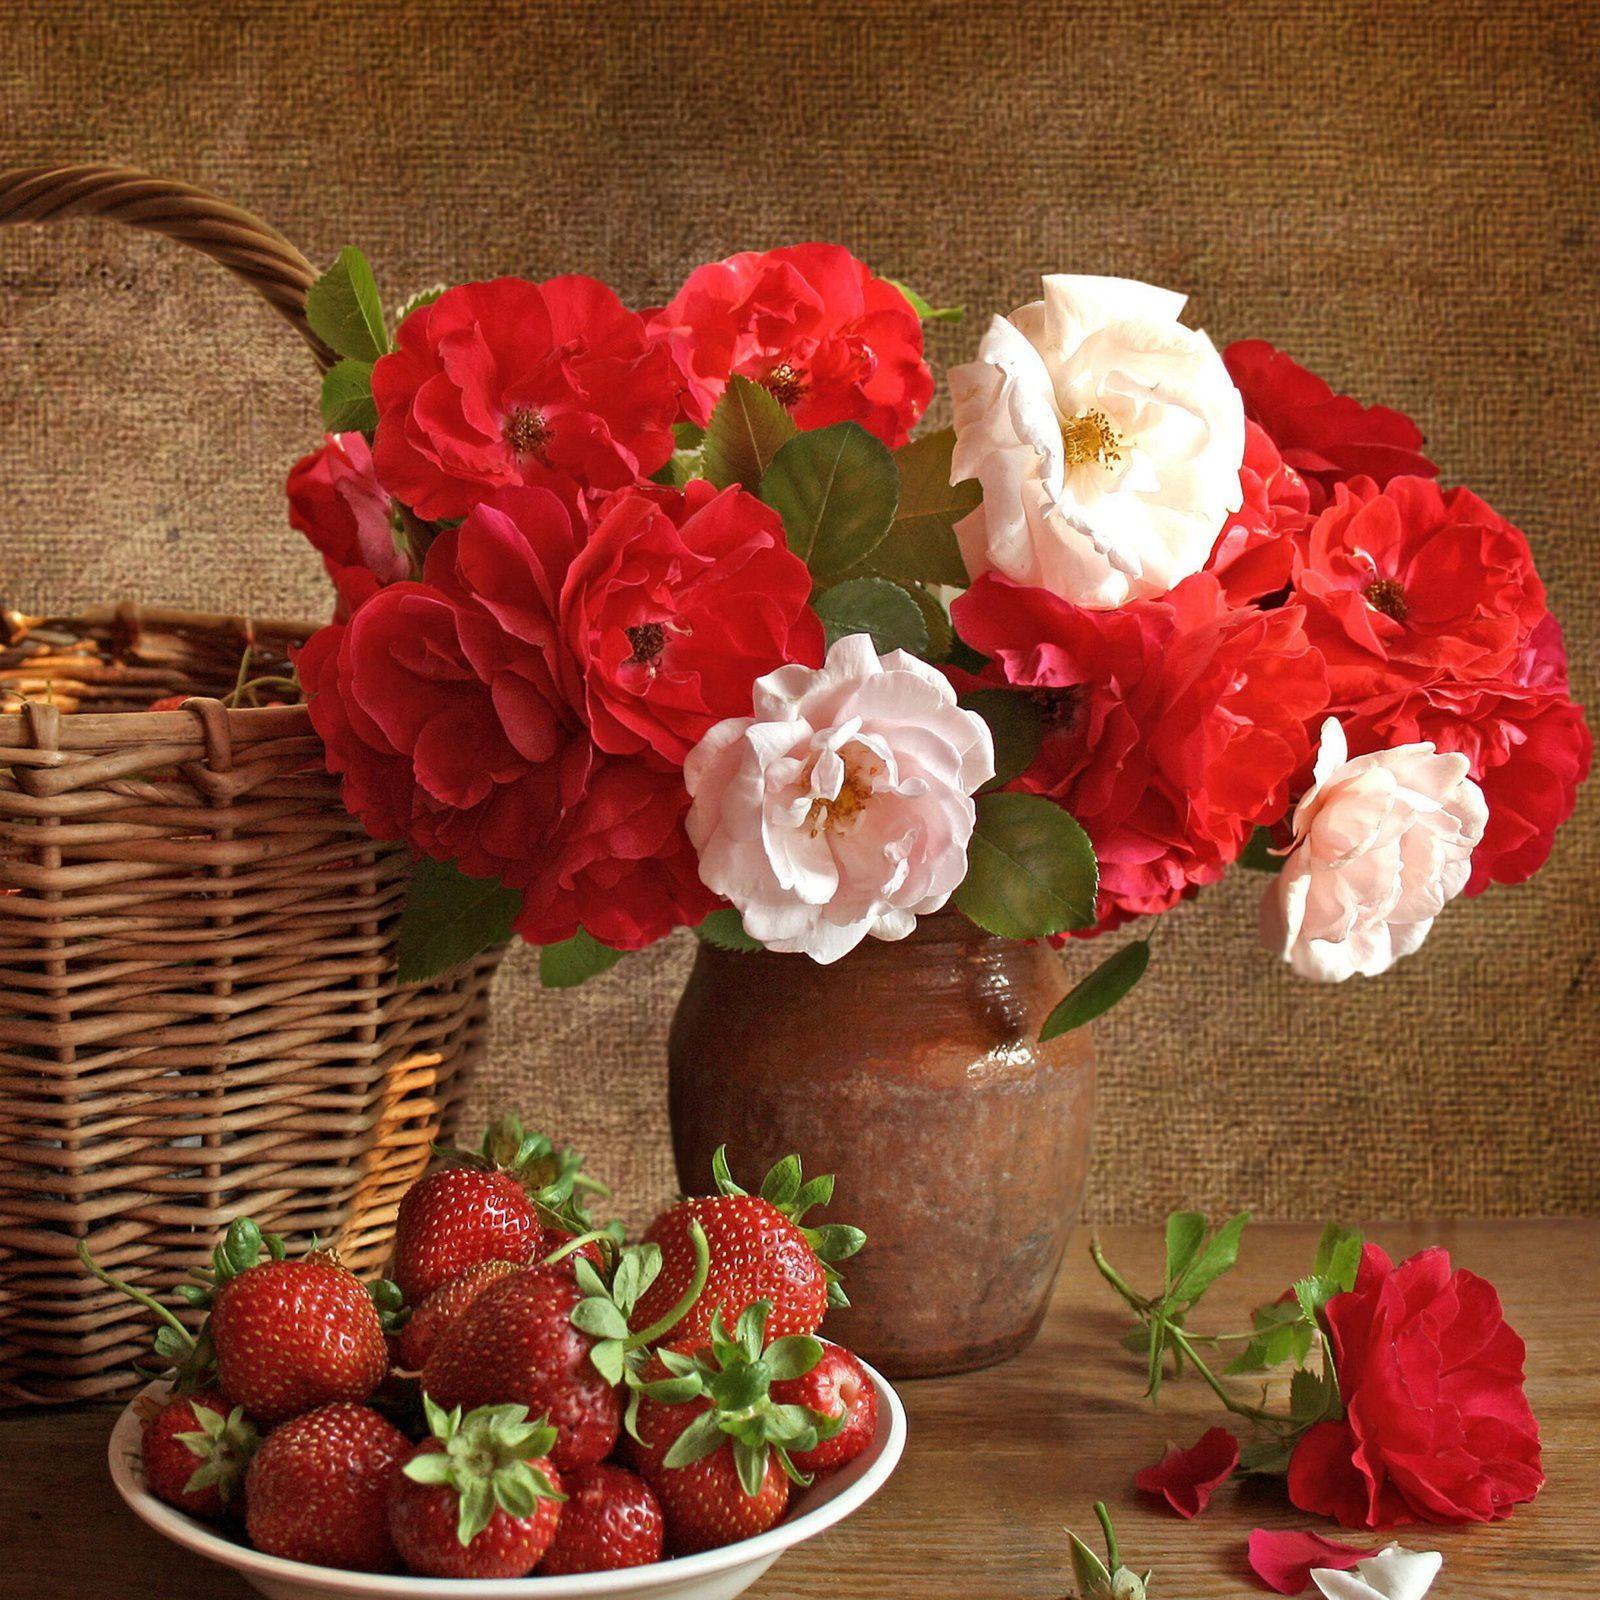 Un petit bouquet de roses anabrode tant de tr sors for Un bouquet de roses